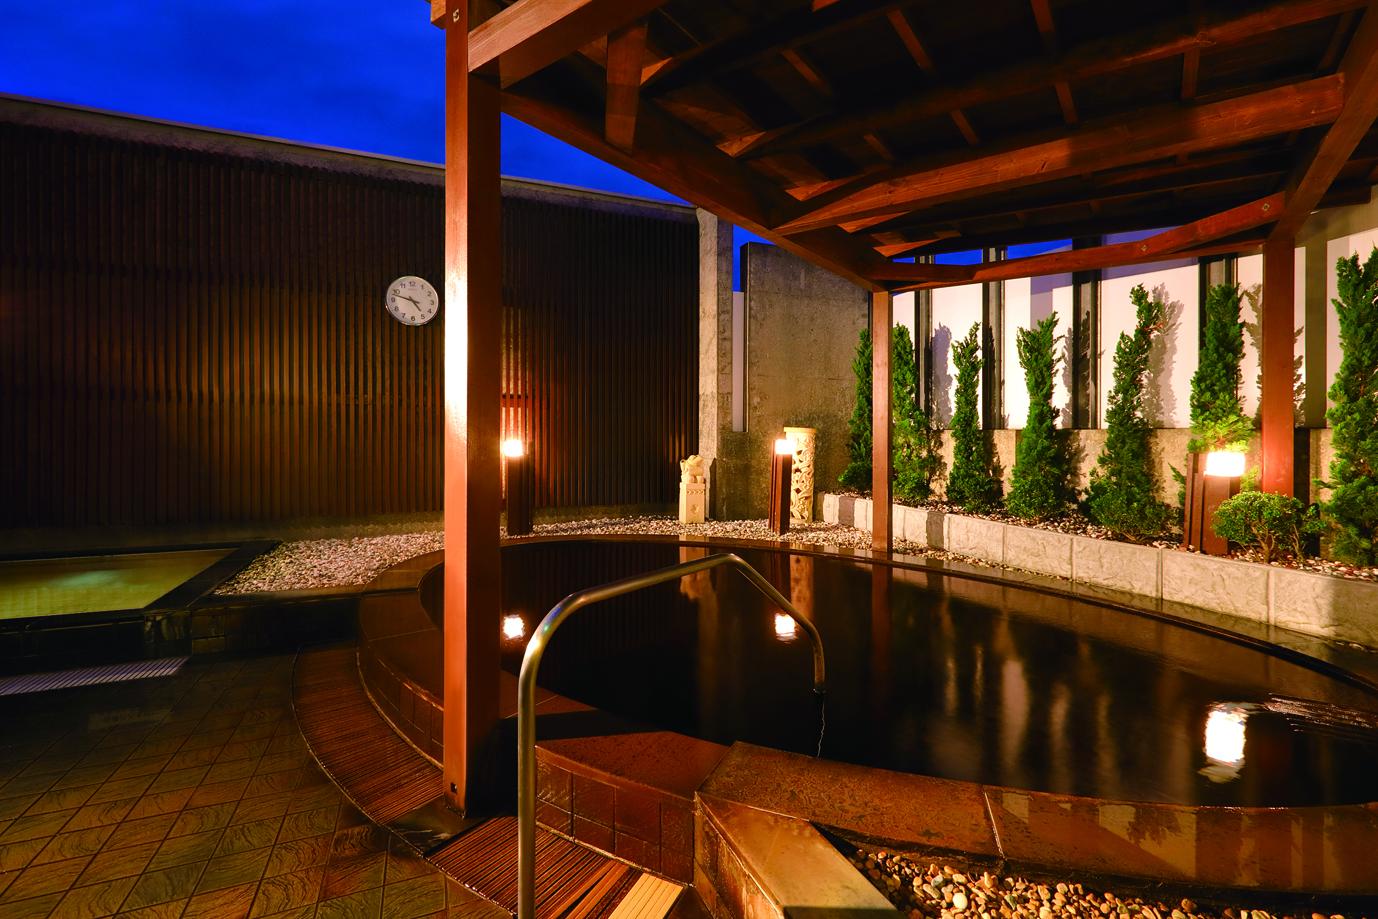 寒い冬に恋しくなる温泉! 【北海道遺産】認定のモール温泉が札幌で!?